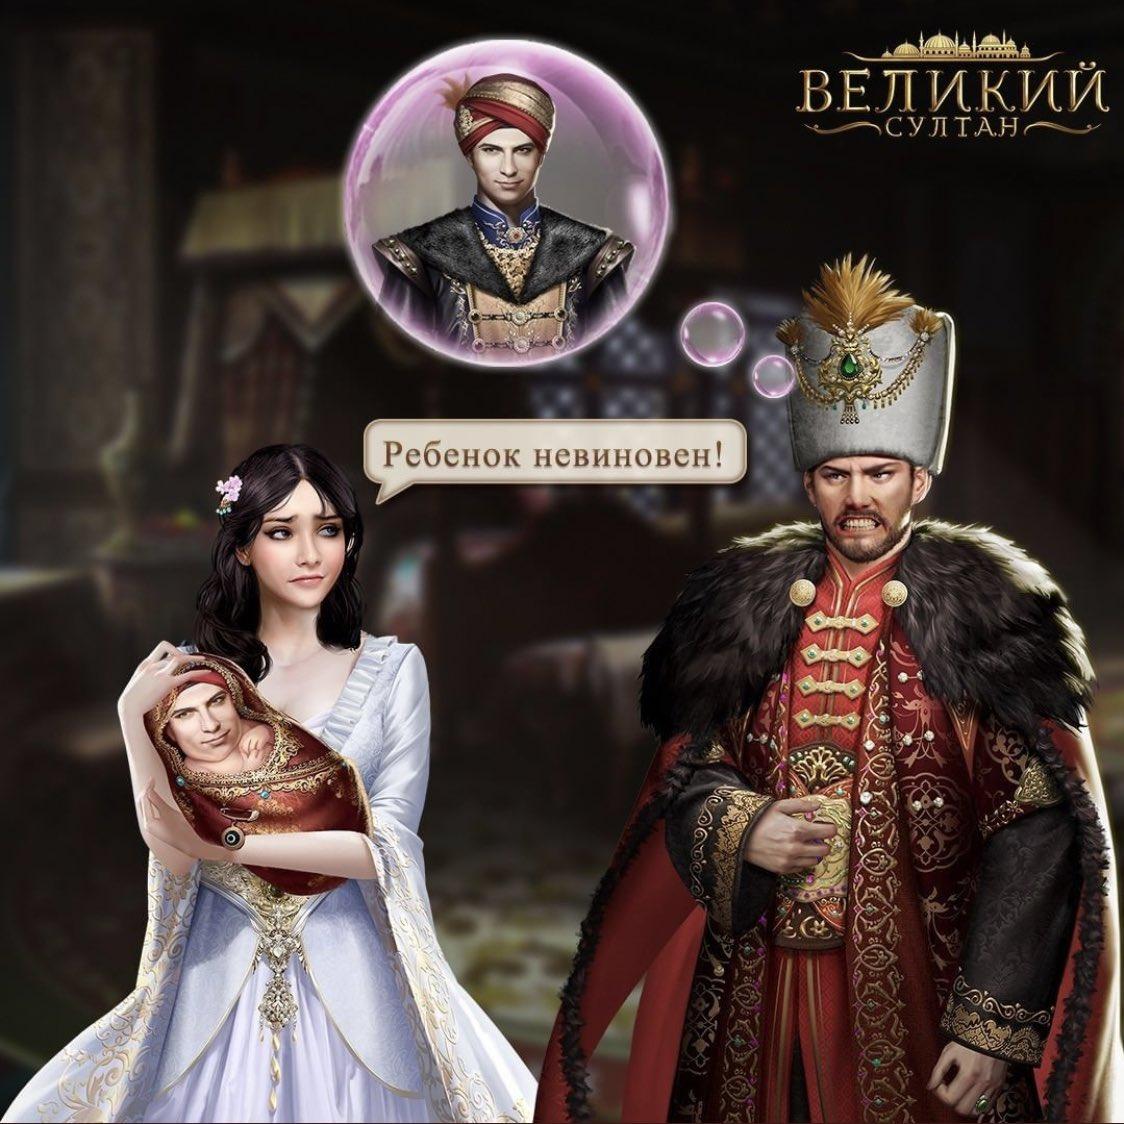 Смешные картинки про великий султан